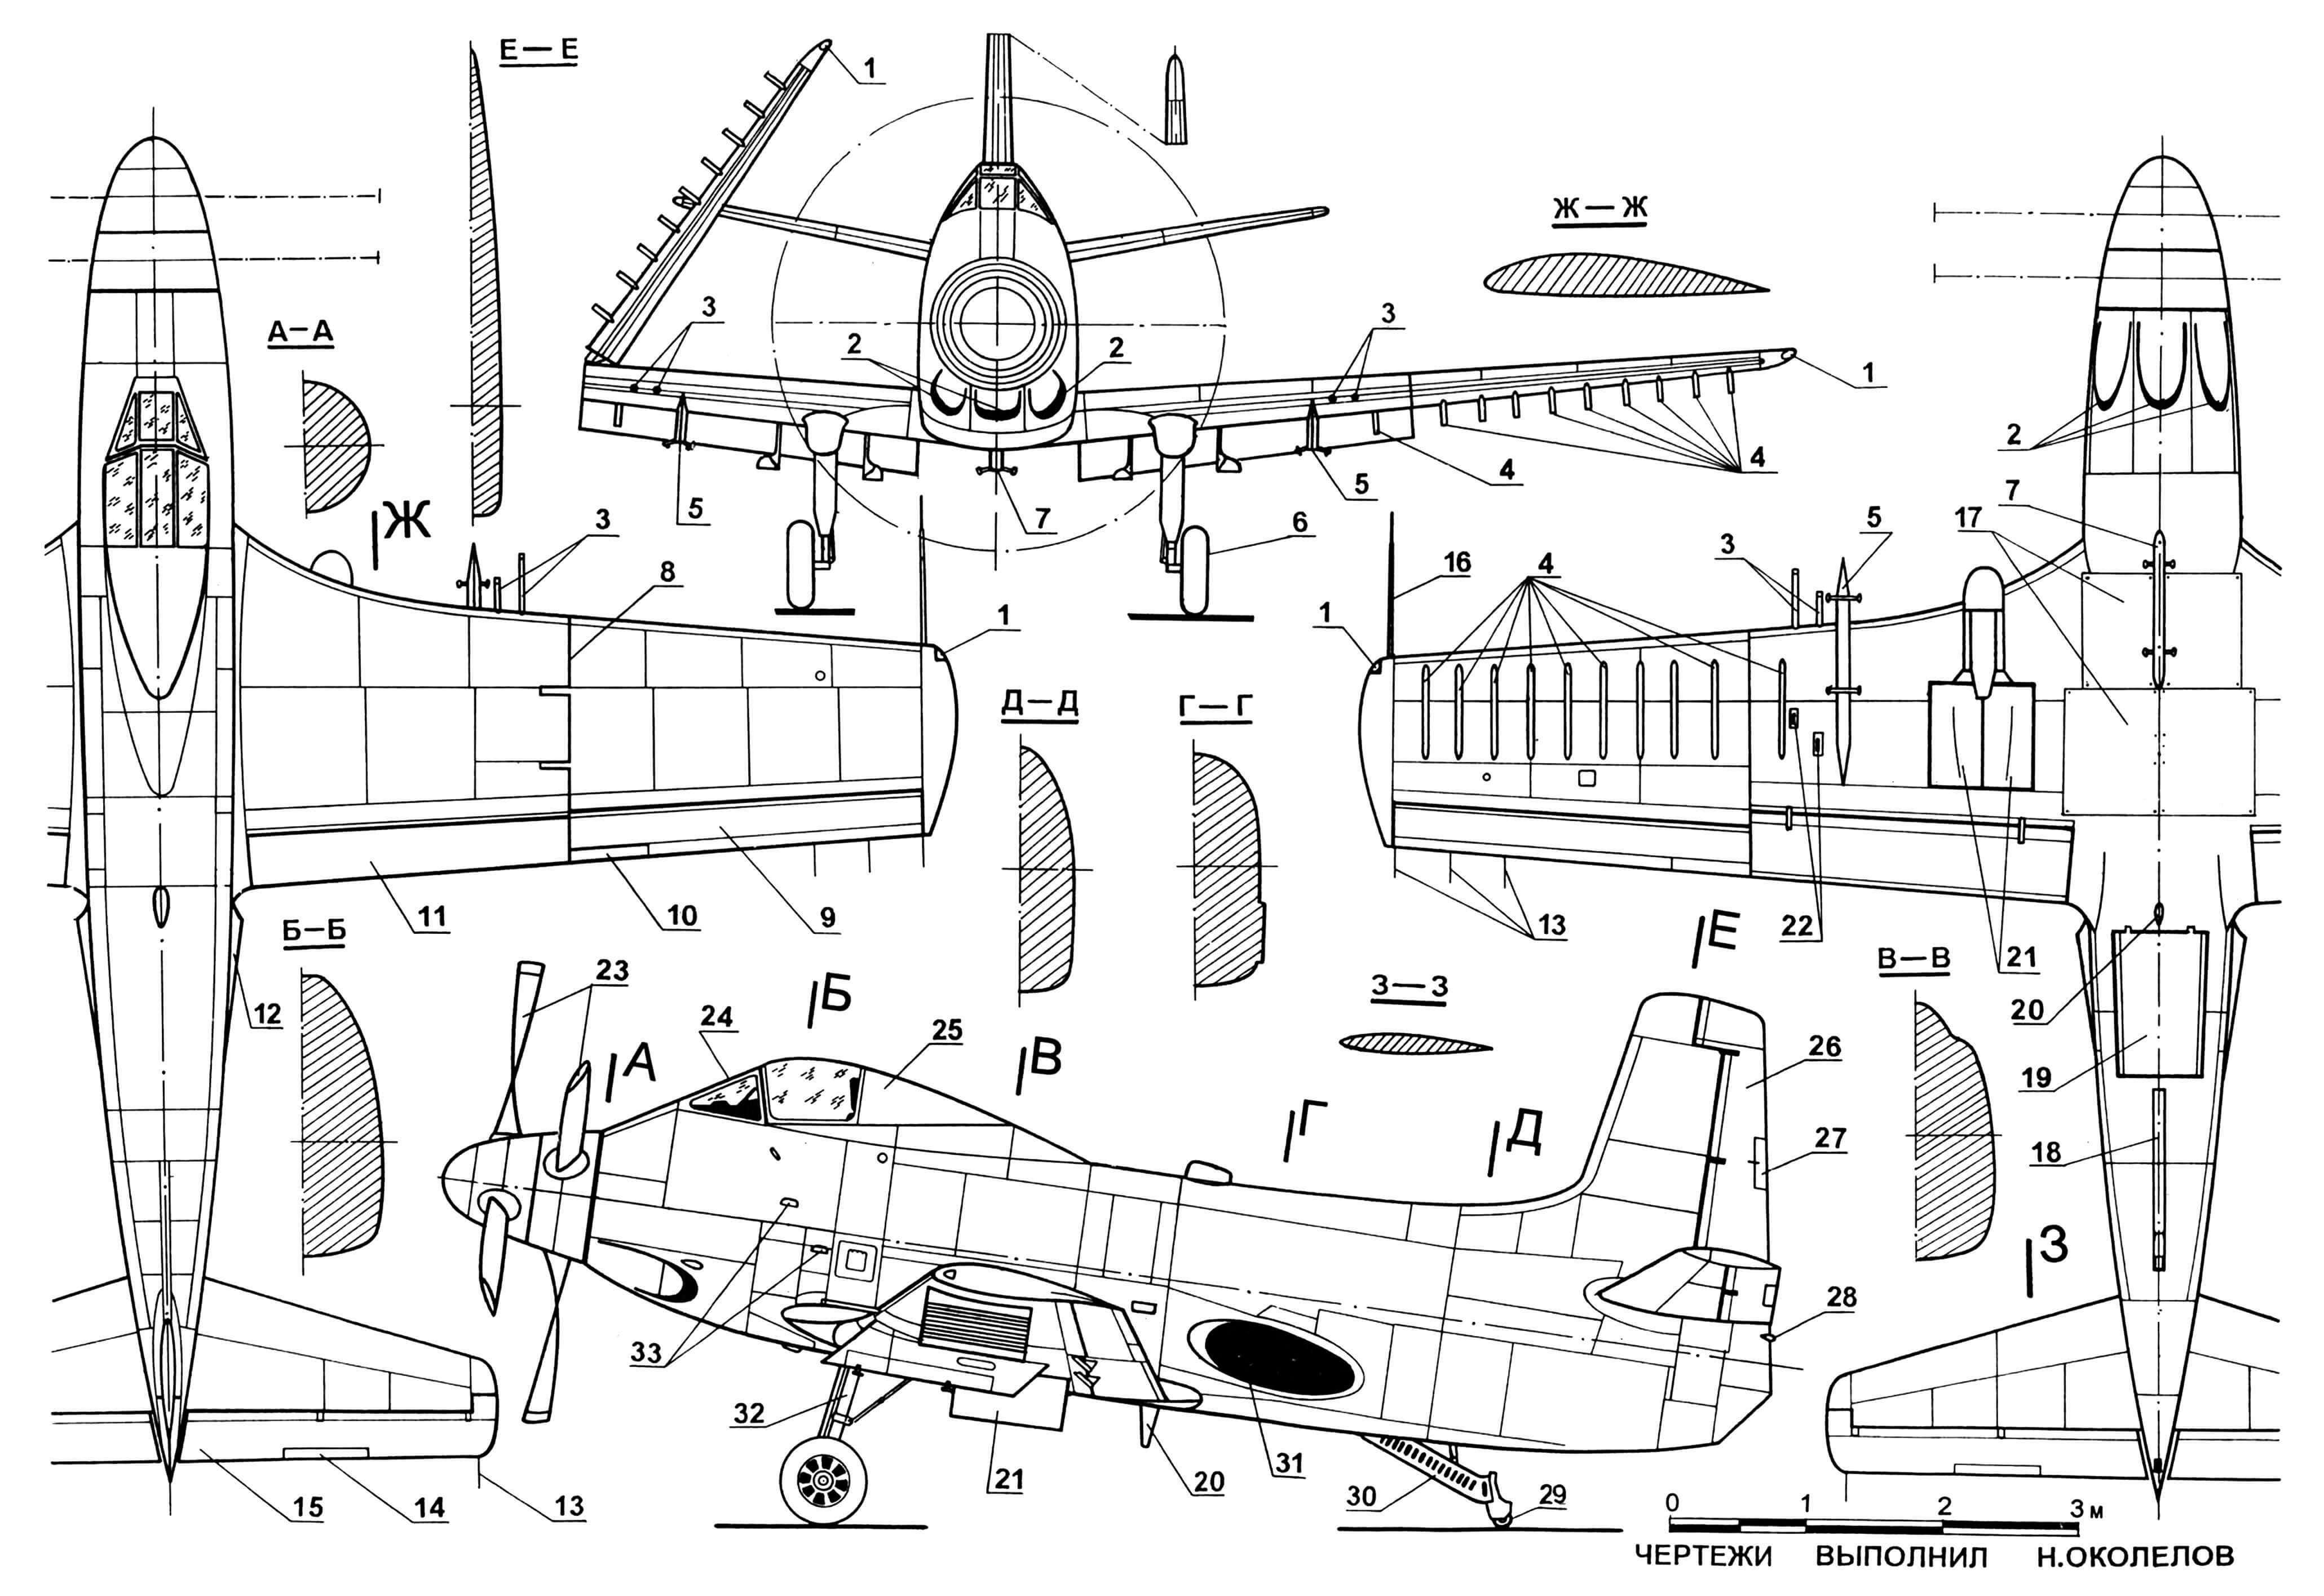 A2D-1 Skyshark